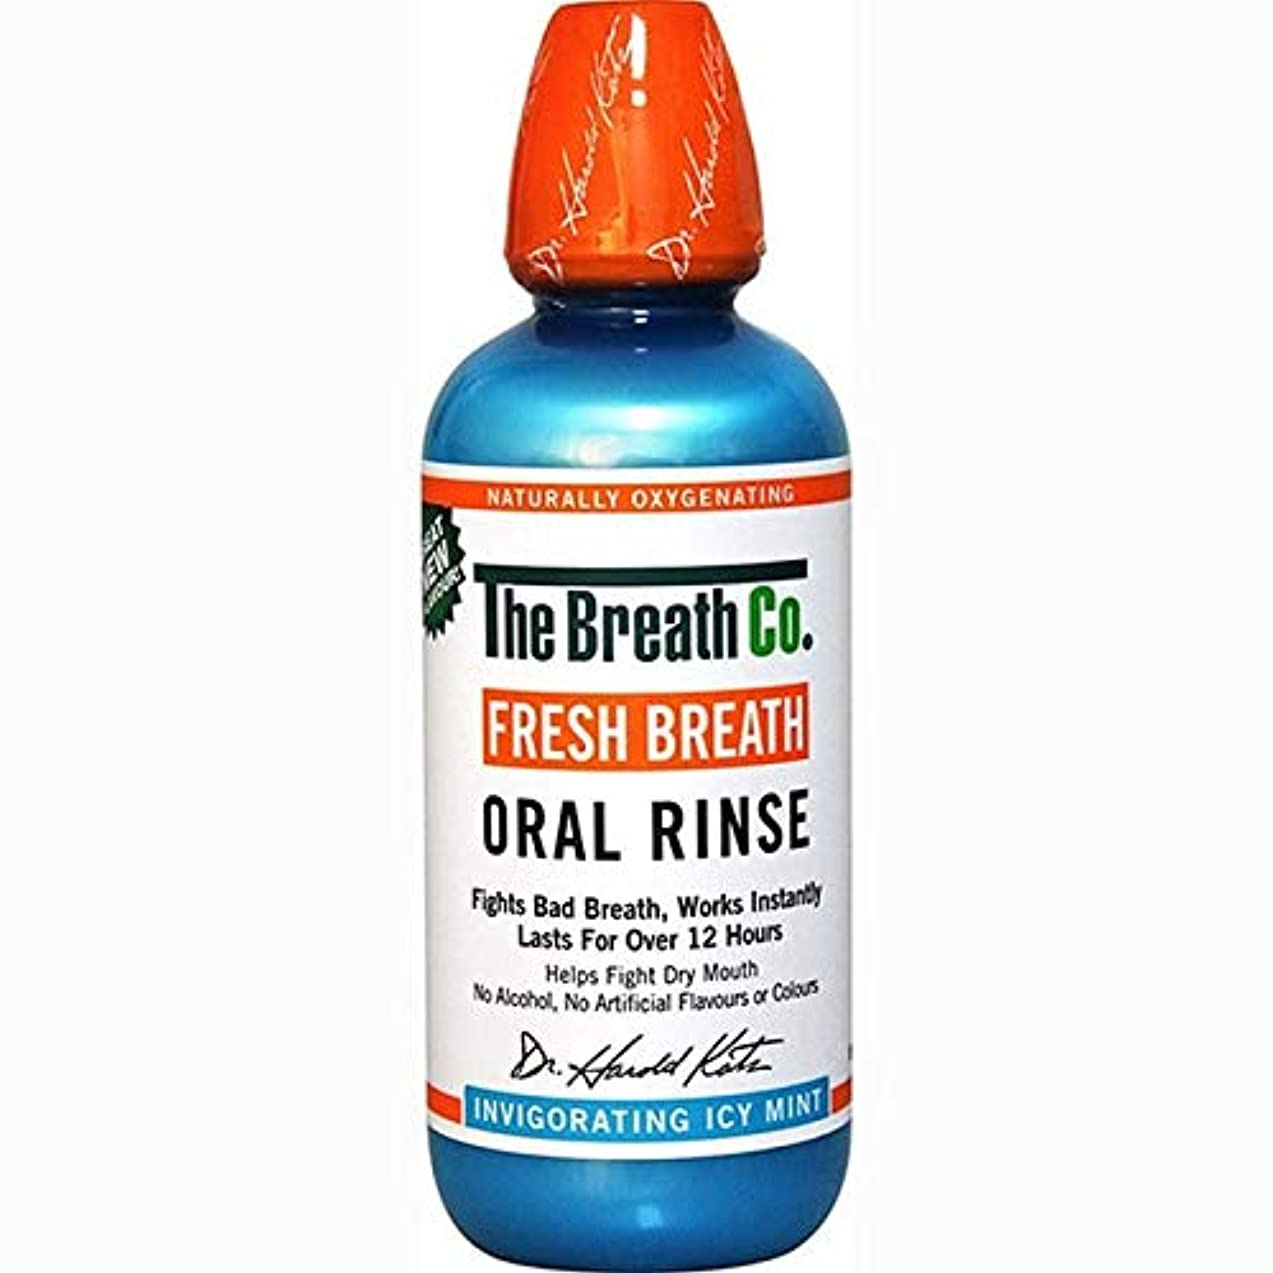 反論者多用途引き出す[The Breath Co] 息のCo新鮮な息口腔リンス氷のミント500ミリリットル - The Breath Co Fresh Breath Oral Rinse Icy Mint 500ml [並行輸入品]